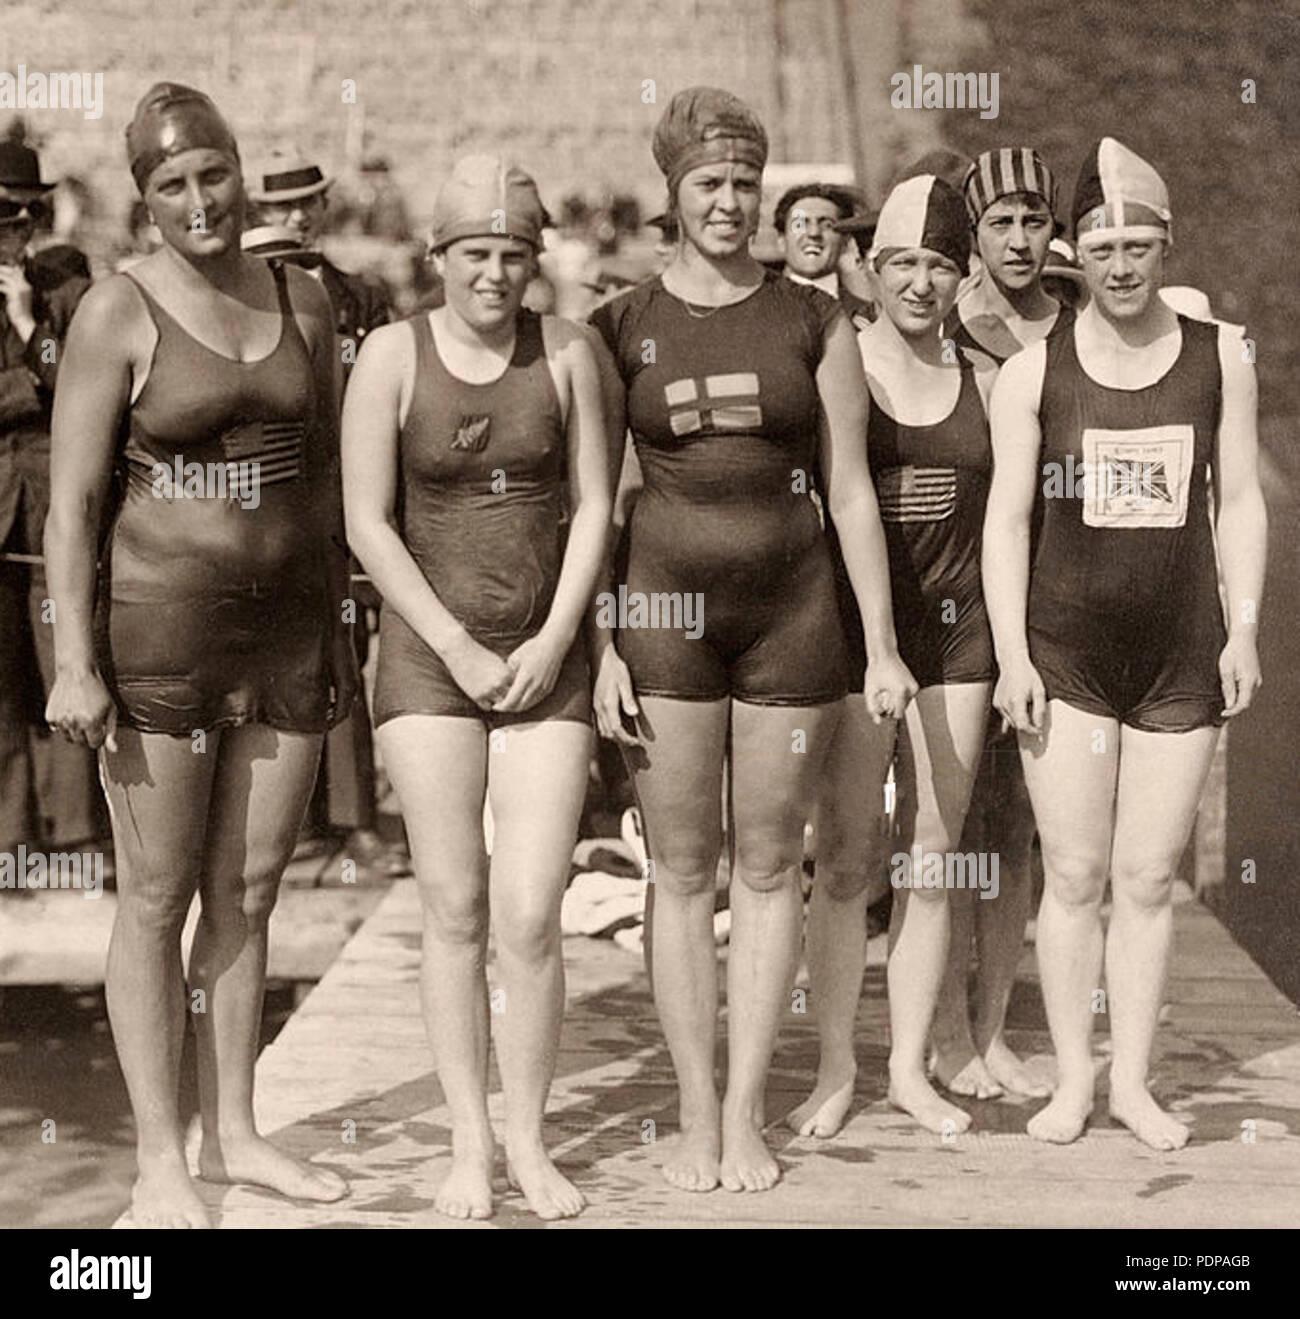 125 Ethelda Bleibtrey, Violet Walrond, Jane Gylling, Irene Guest, Frances Schroth, Constance Jeans 1920 Stock Photo